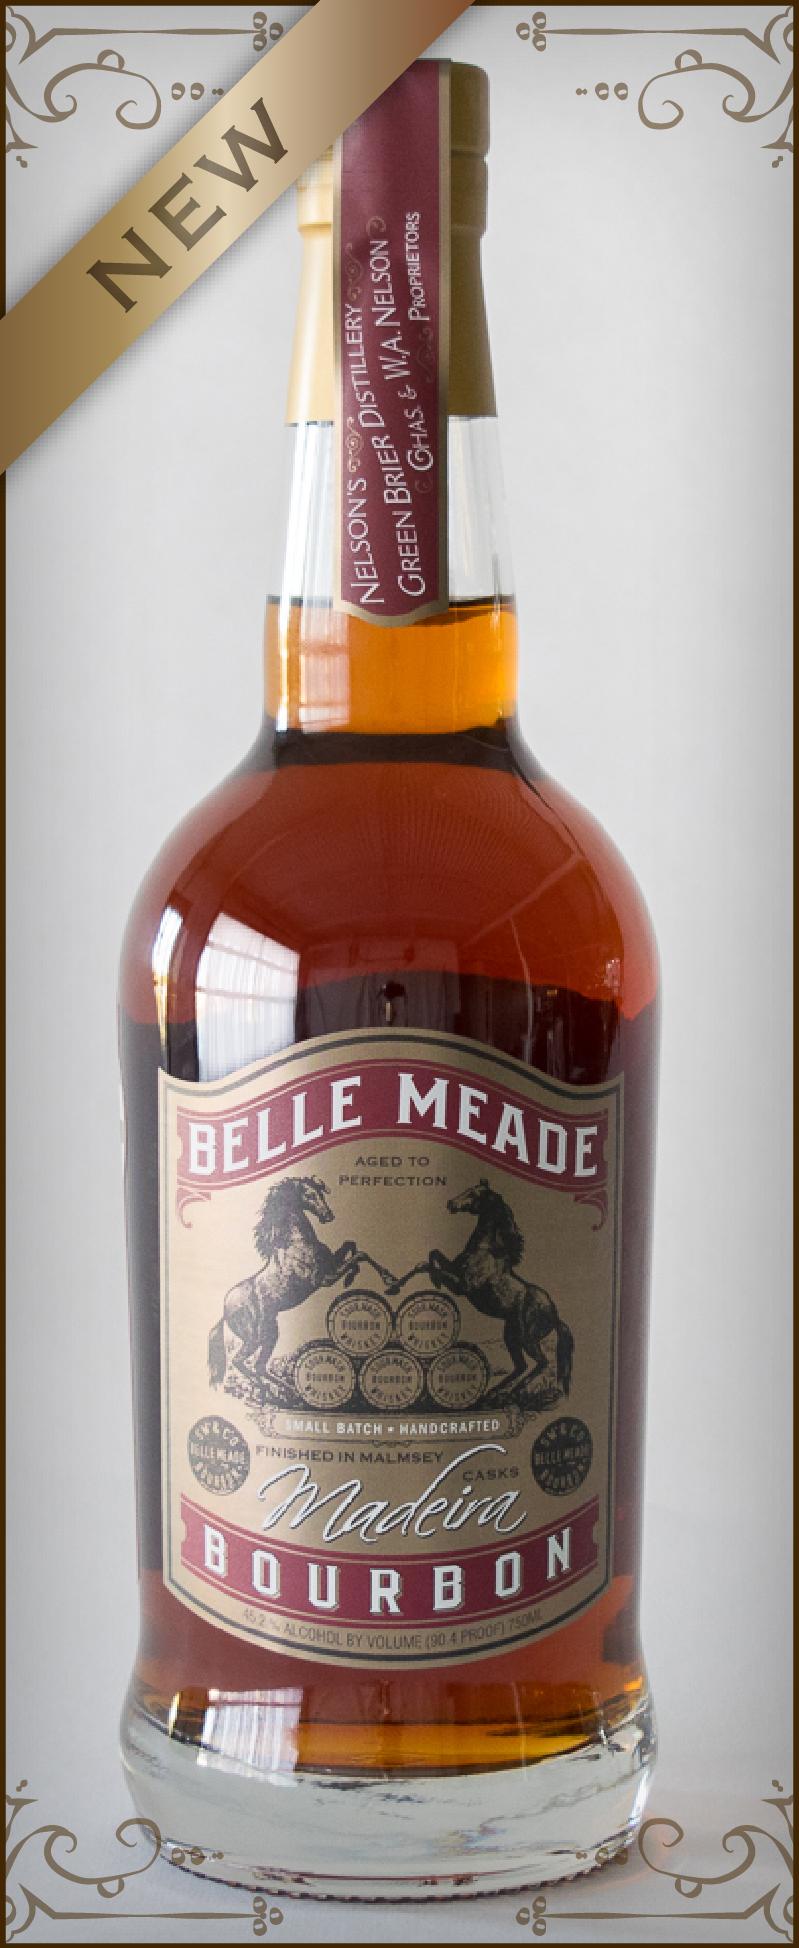 Belle Meade Bourbon finished in Madeira Casks